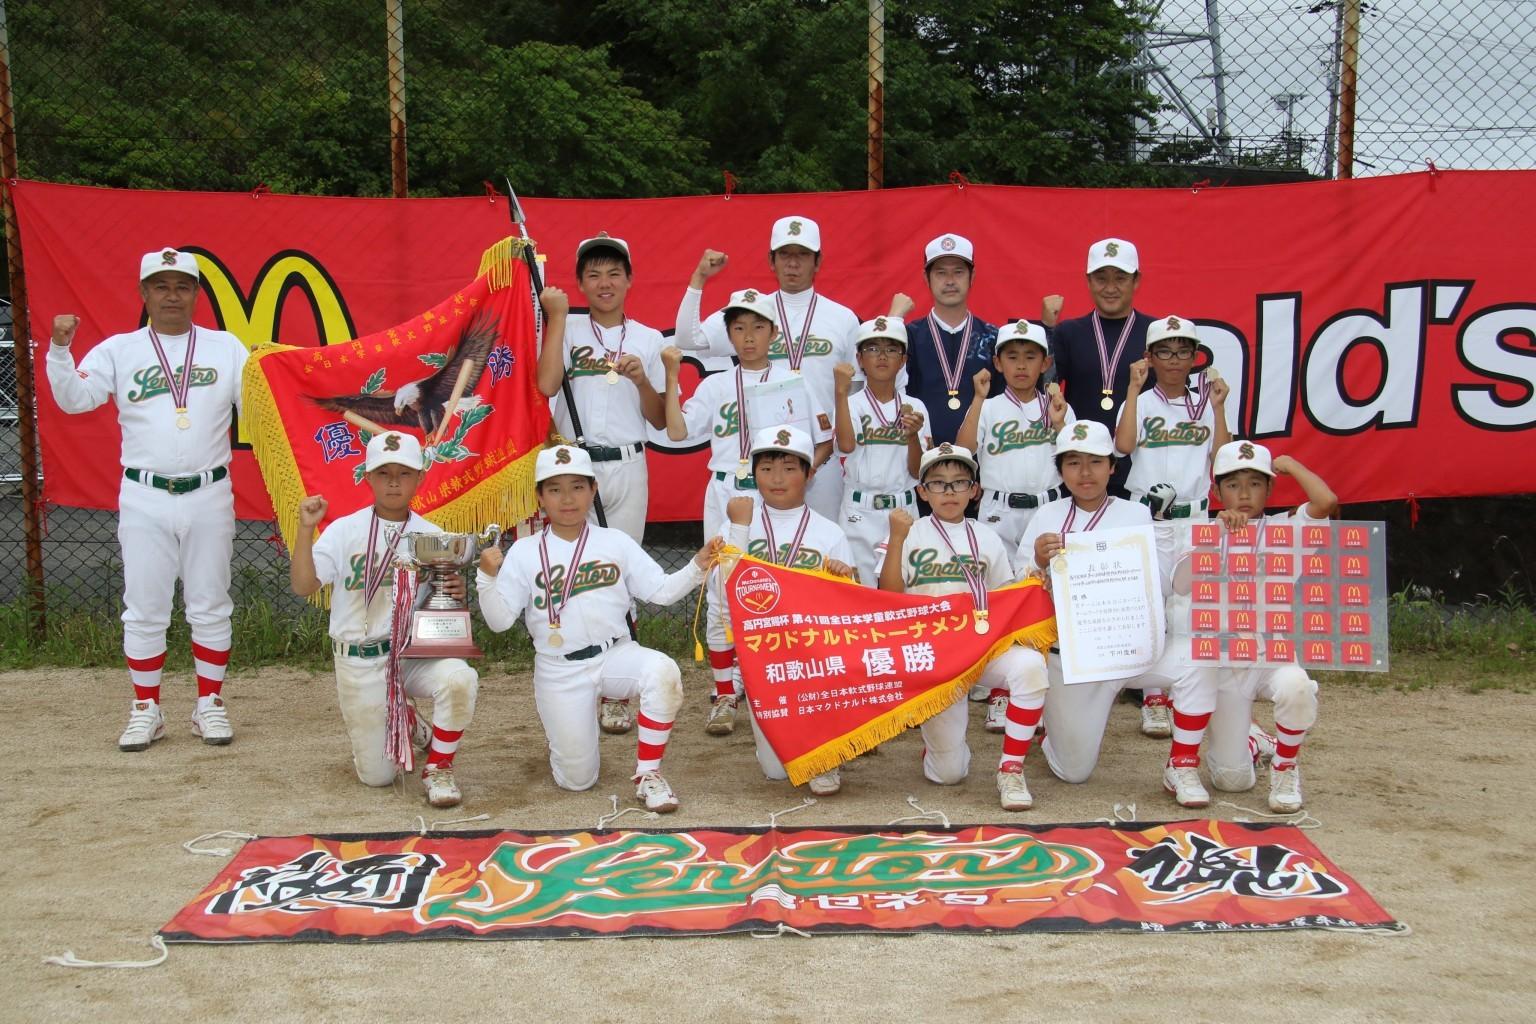 宮セネタース少年野球クラブ